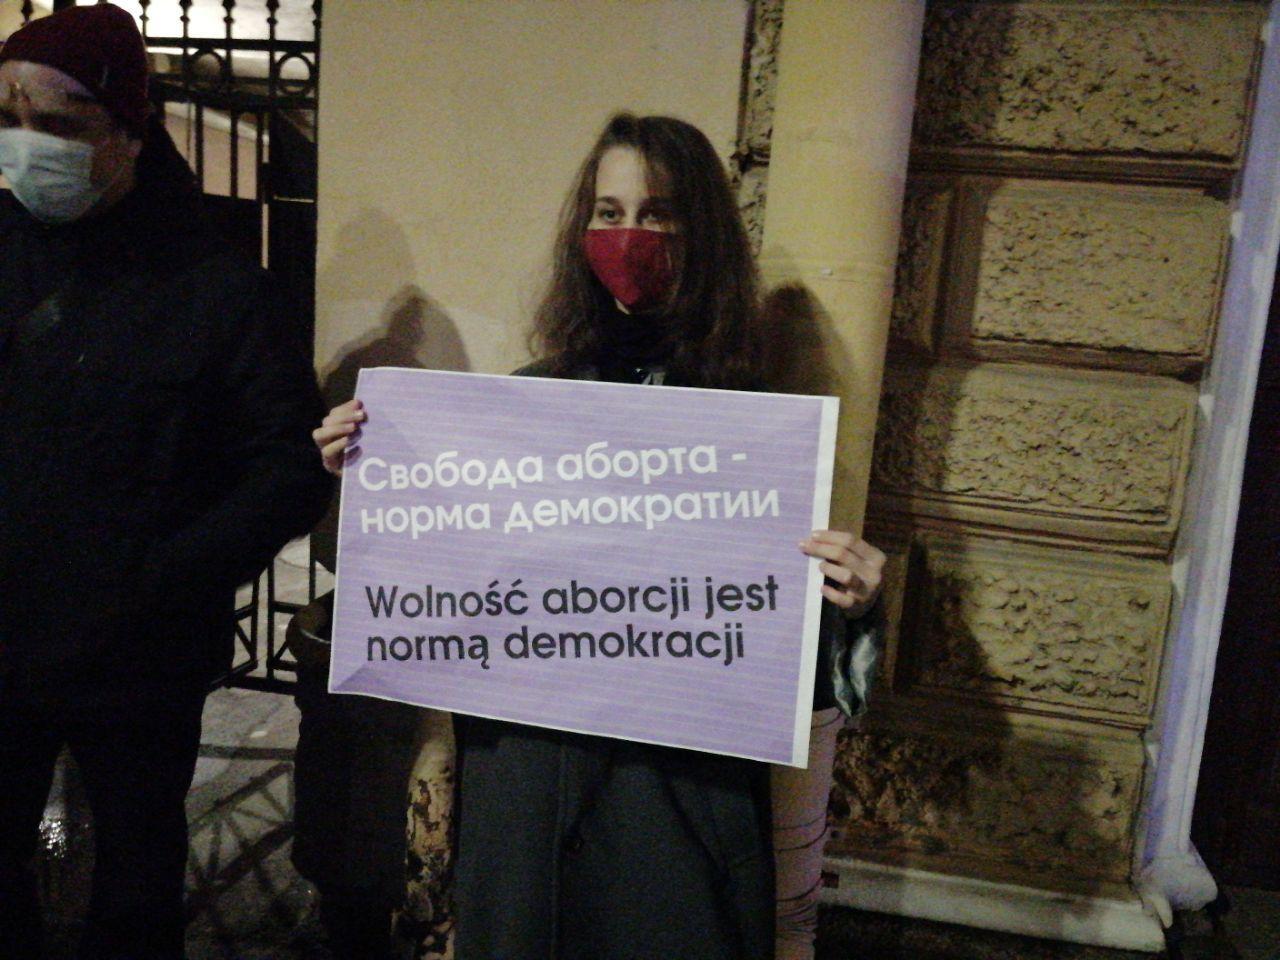 У консульства Польши в Петербурге выступили за право на аборт